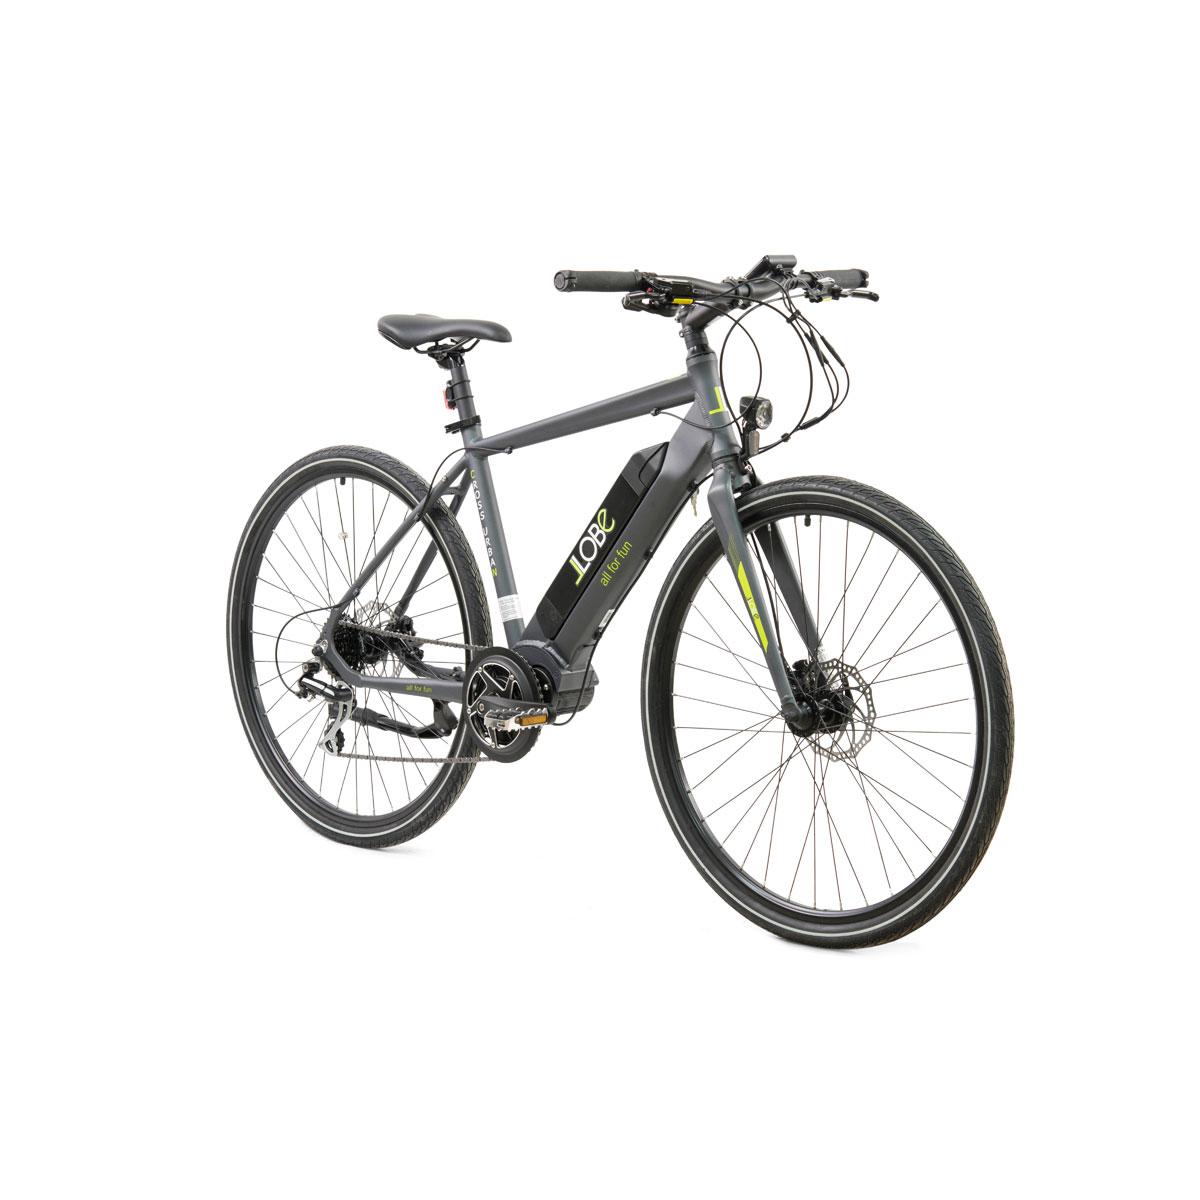 Fahrrad-Zubeh/ör S-LOVE Fahrrad Ventil-Staub-Abdeckungen f/ür Fahrr/äder 20/x 5/x 8/mm